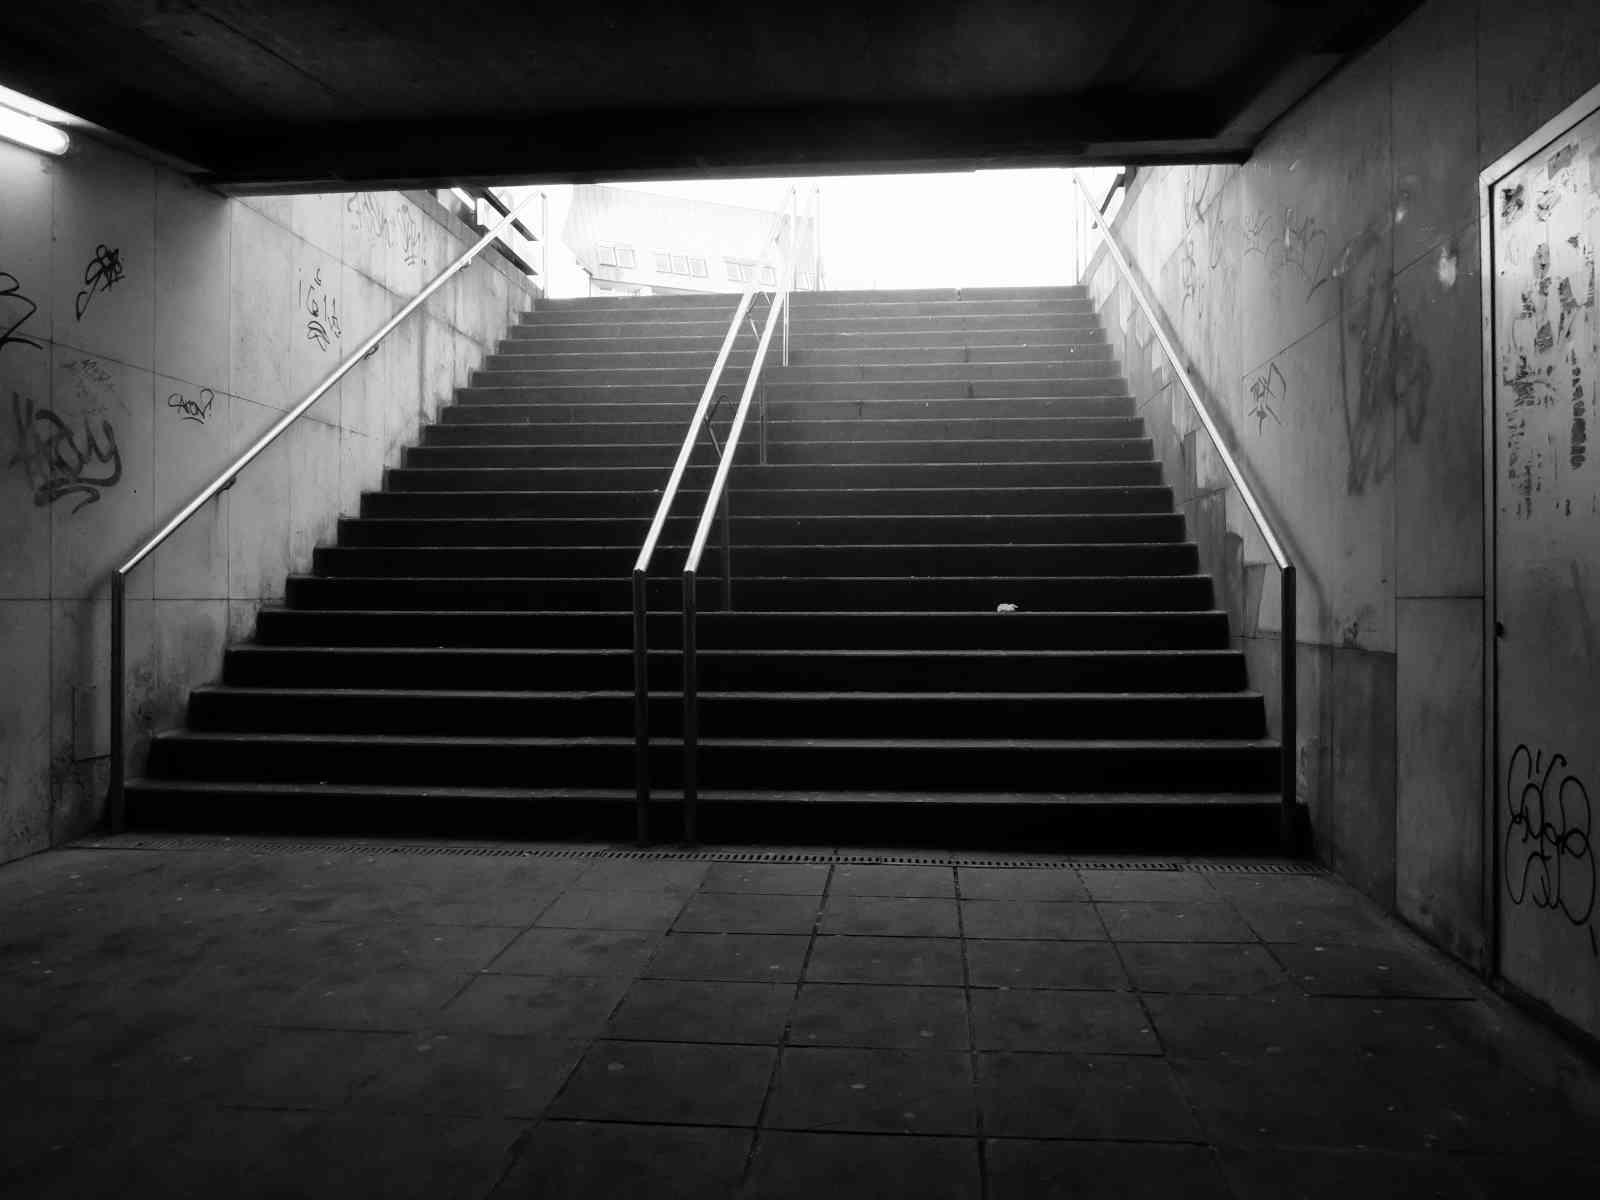 Im Untergrund - Und abwärts geht's